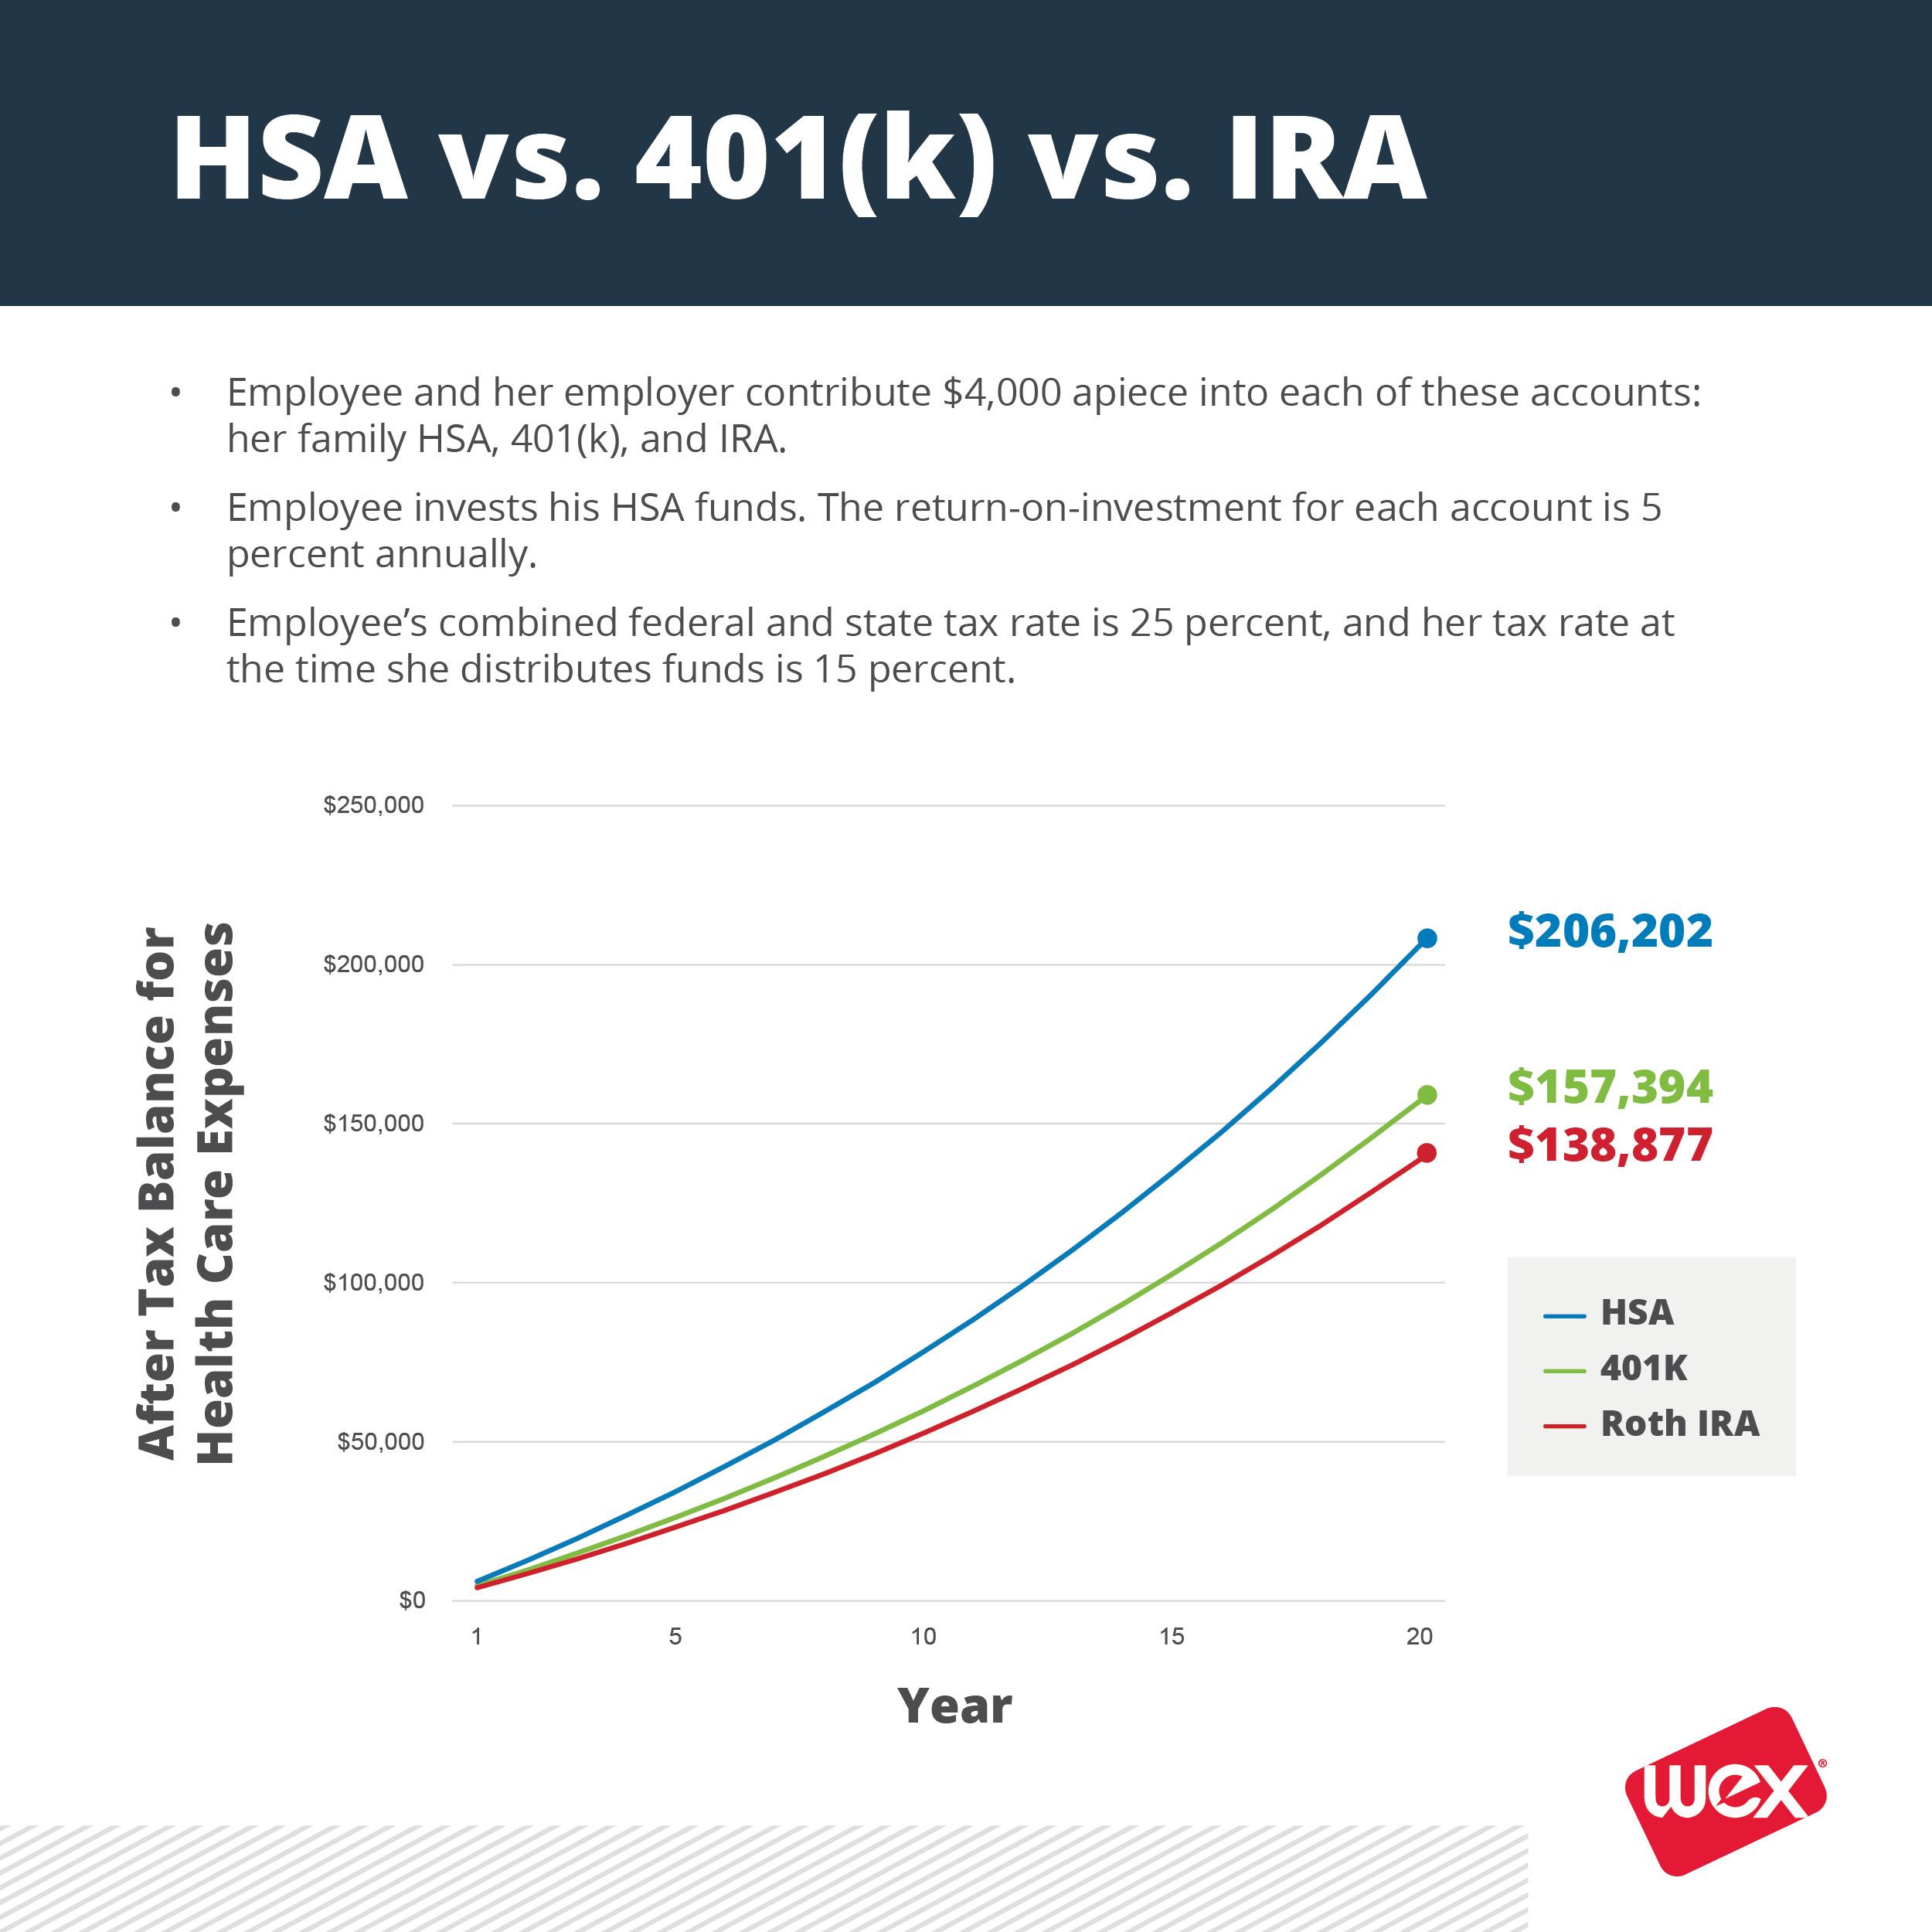 HSA employee financial wellness